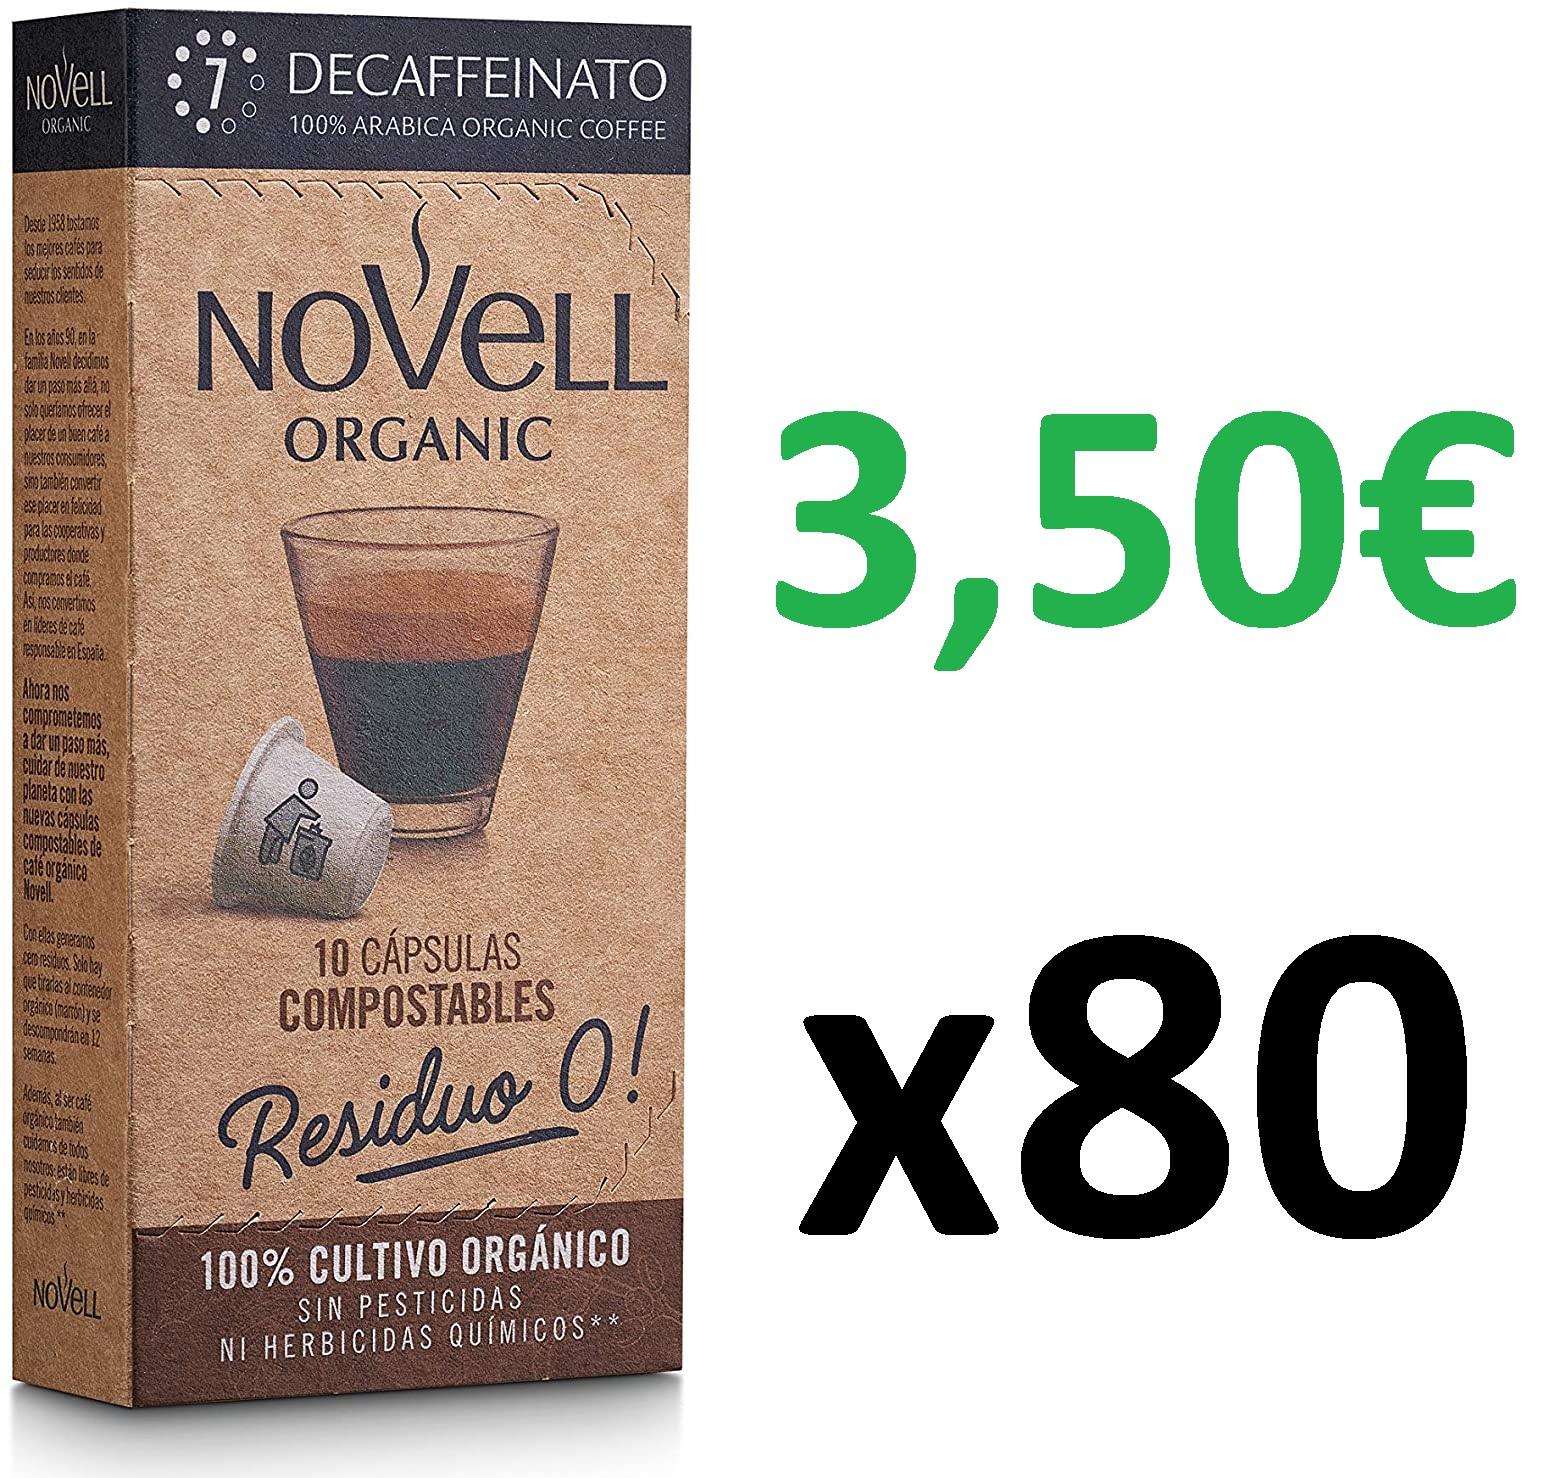 Cápsulas Compostables con café Ecológico - Decaffeinato - 8x10 = 80 Cápsulas